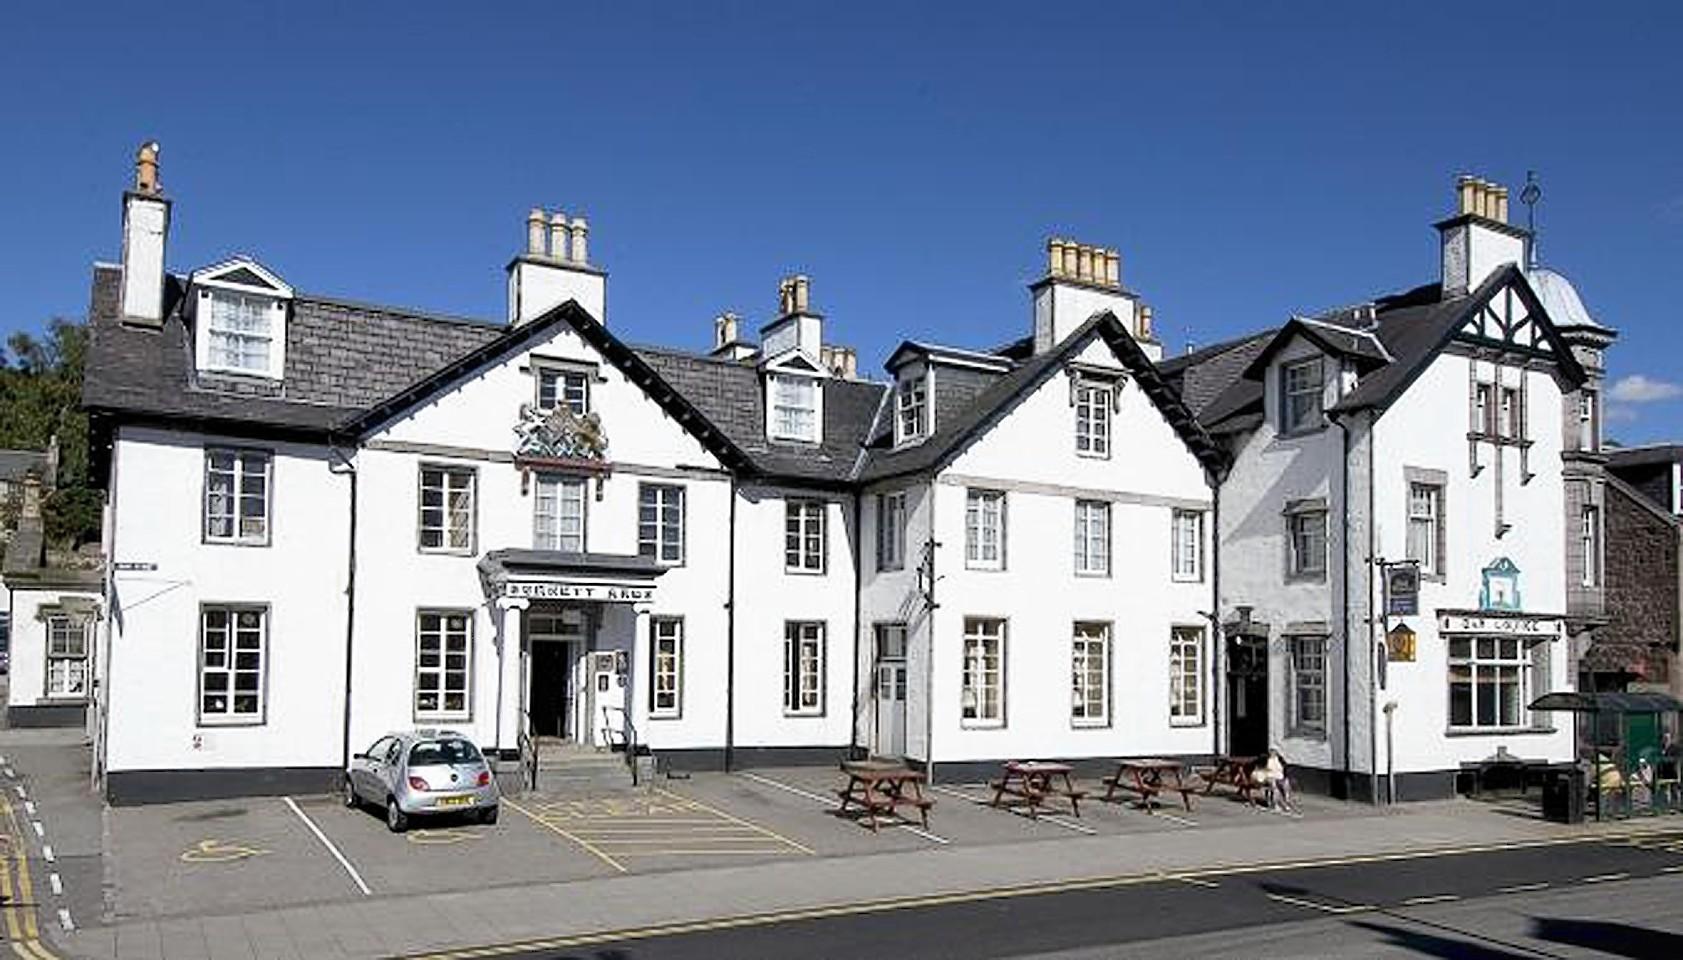 Burnett Arms Hotel